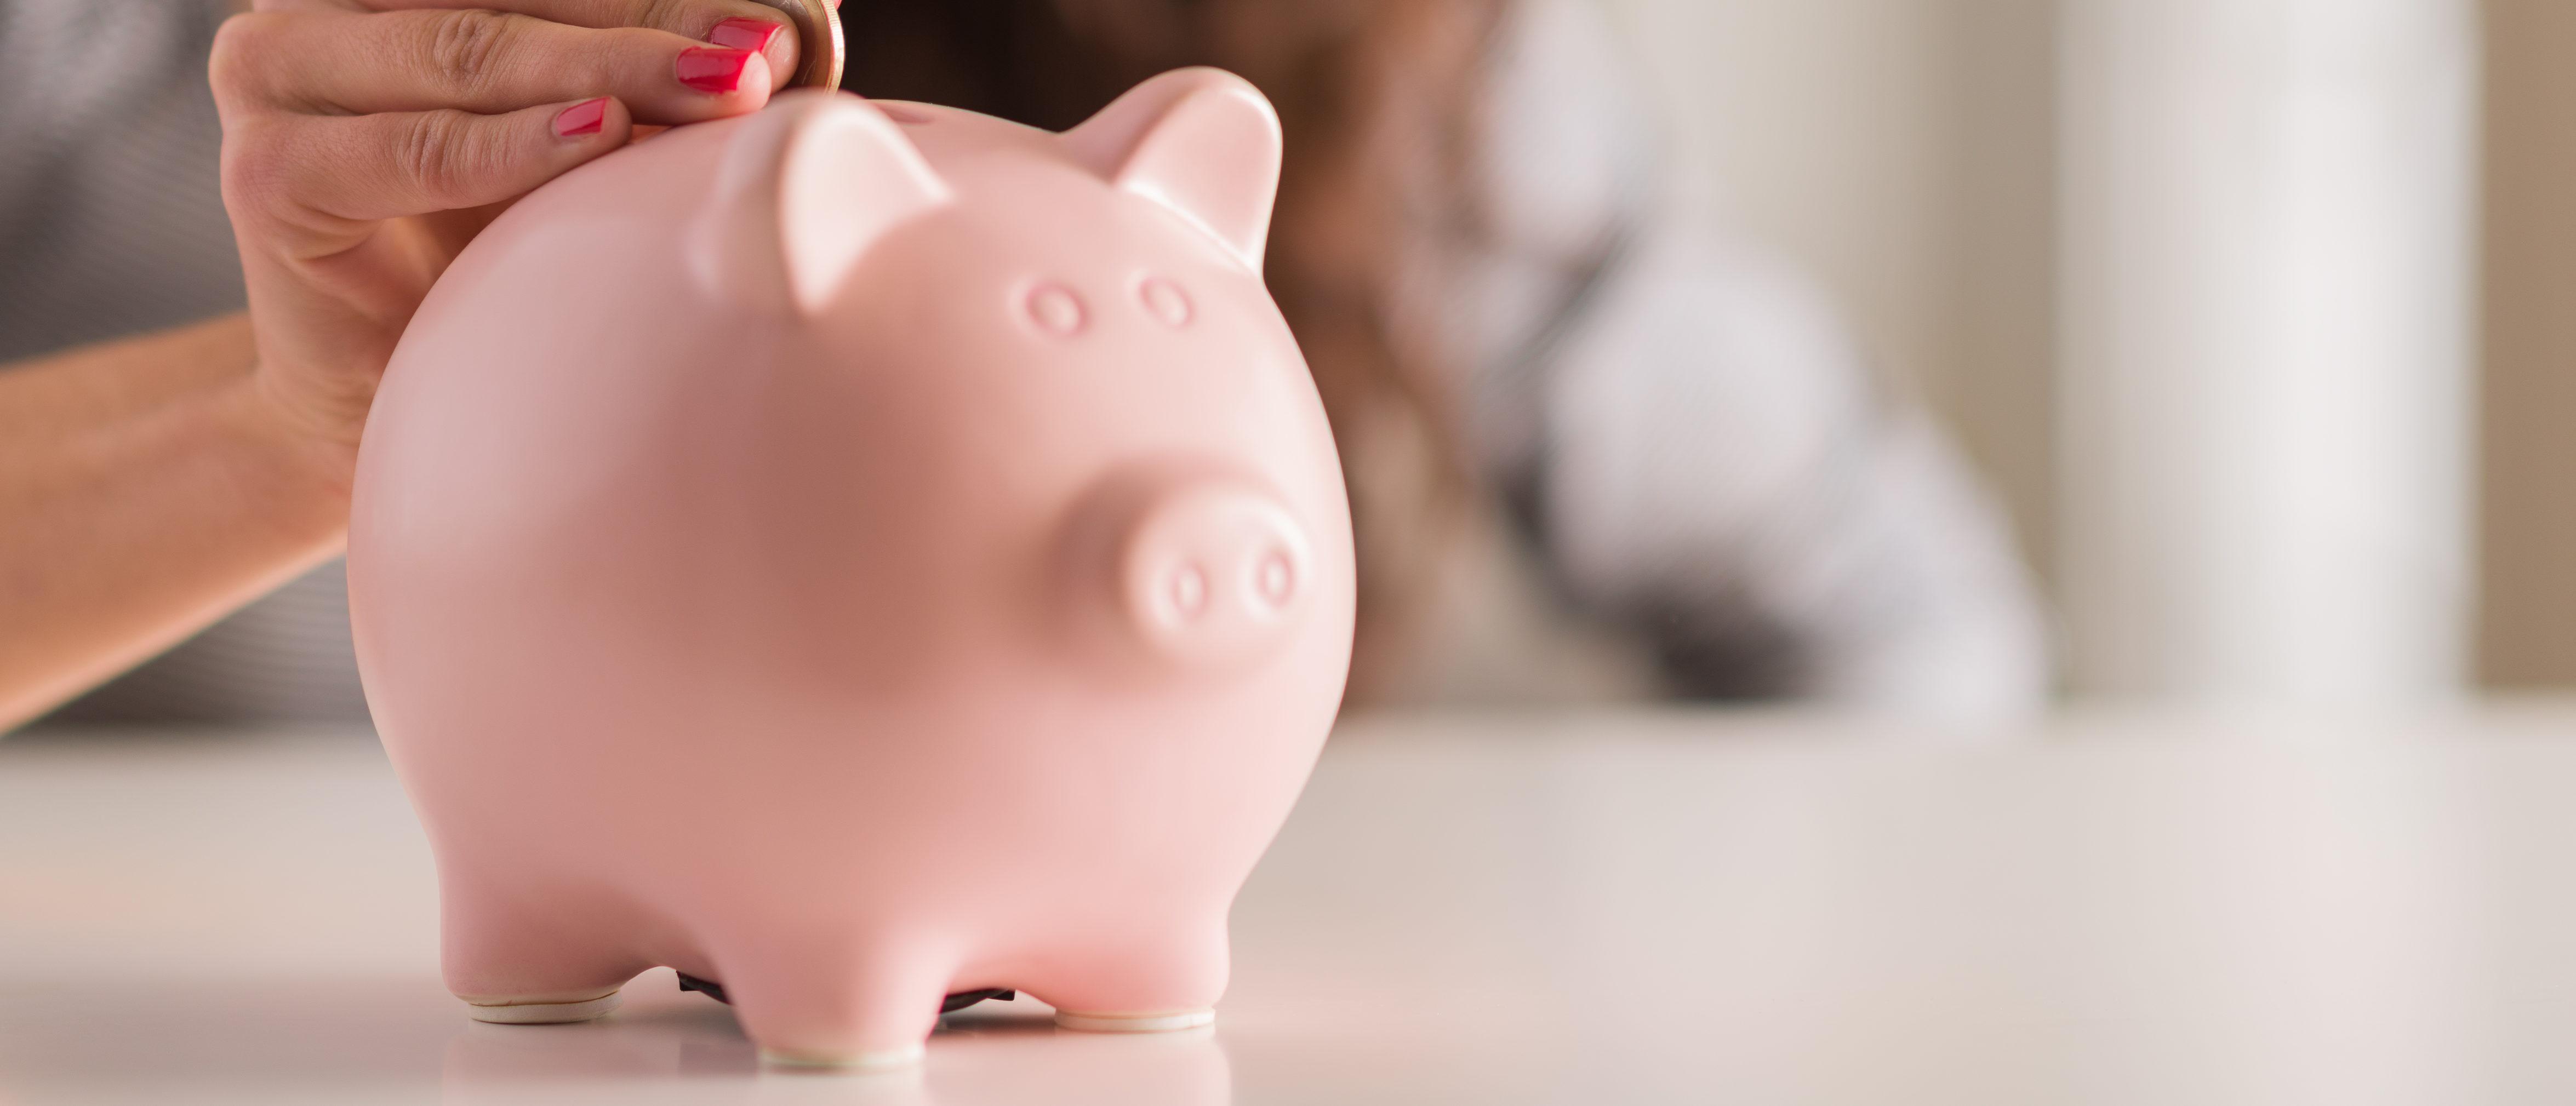 A woman puts a coin into a piggy bank (Shutterstock/Aaron Amat)